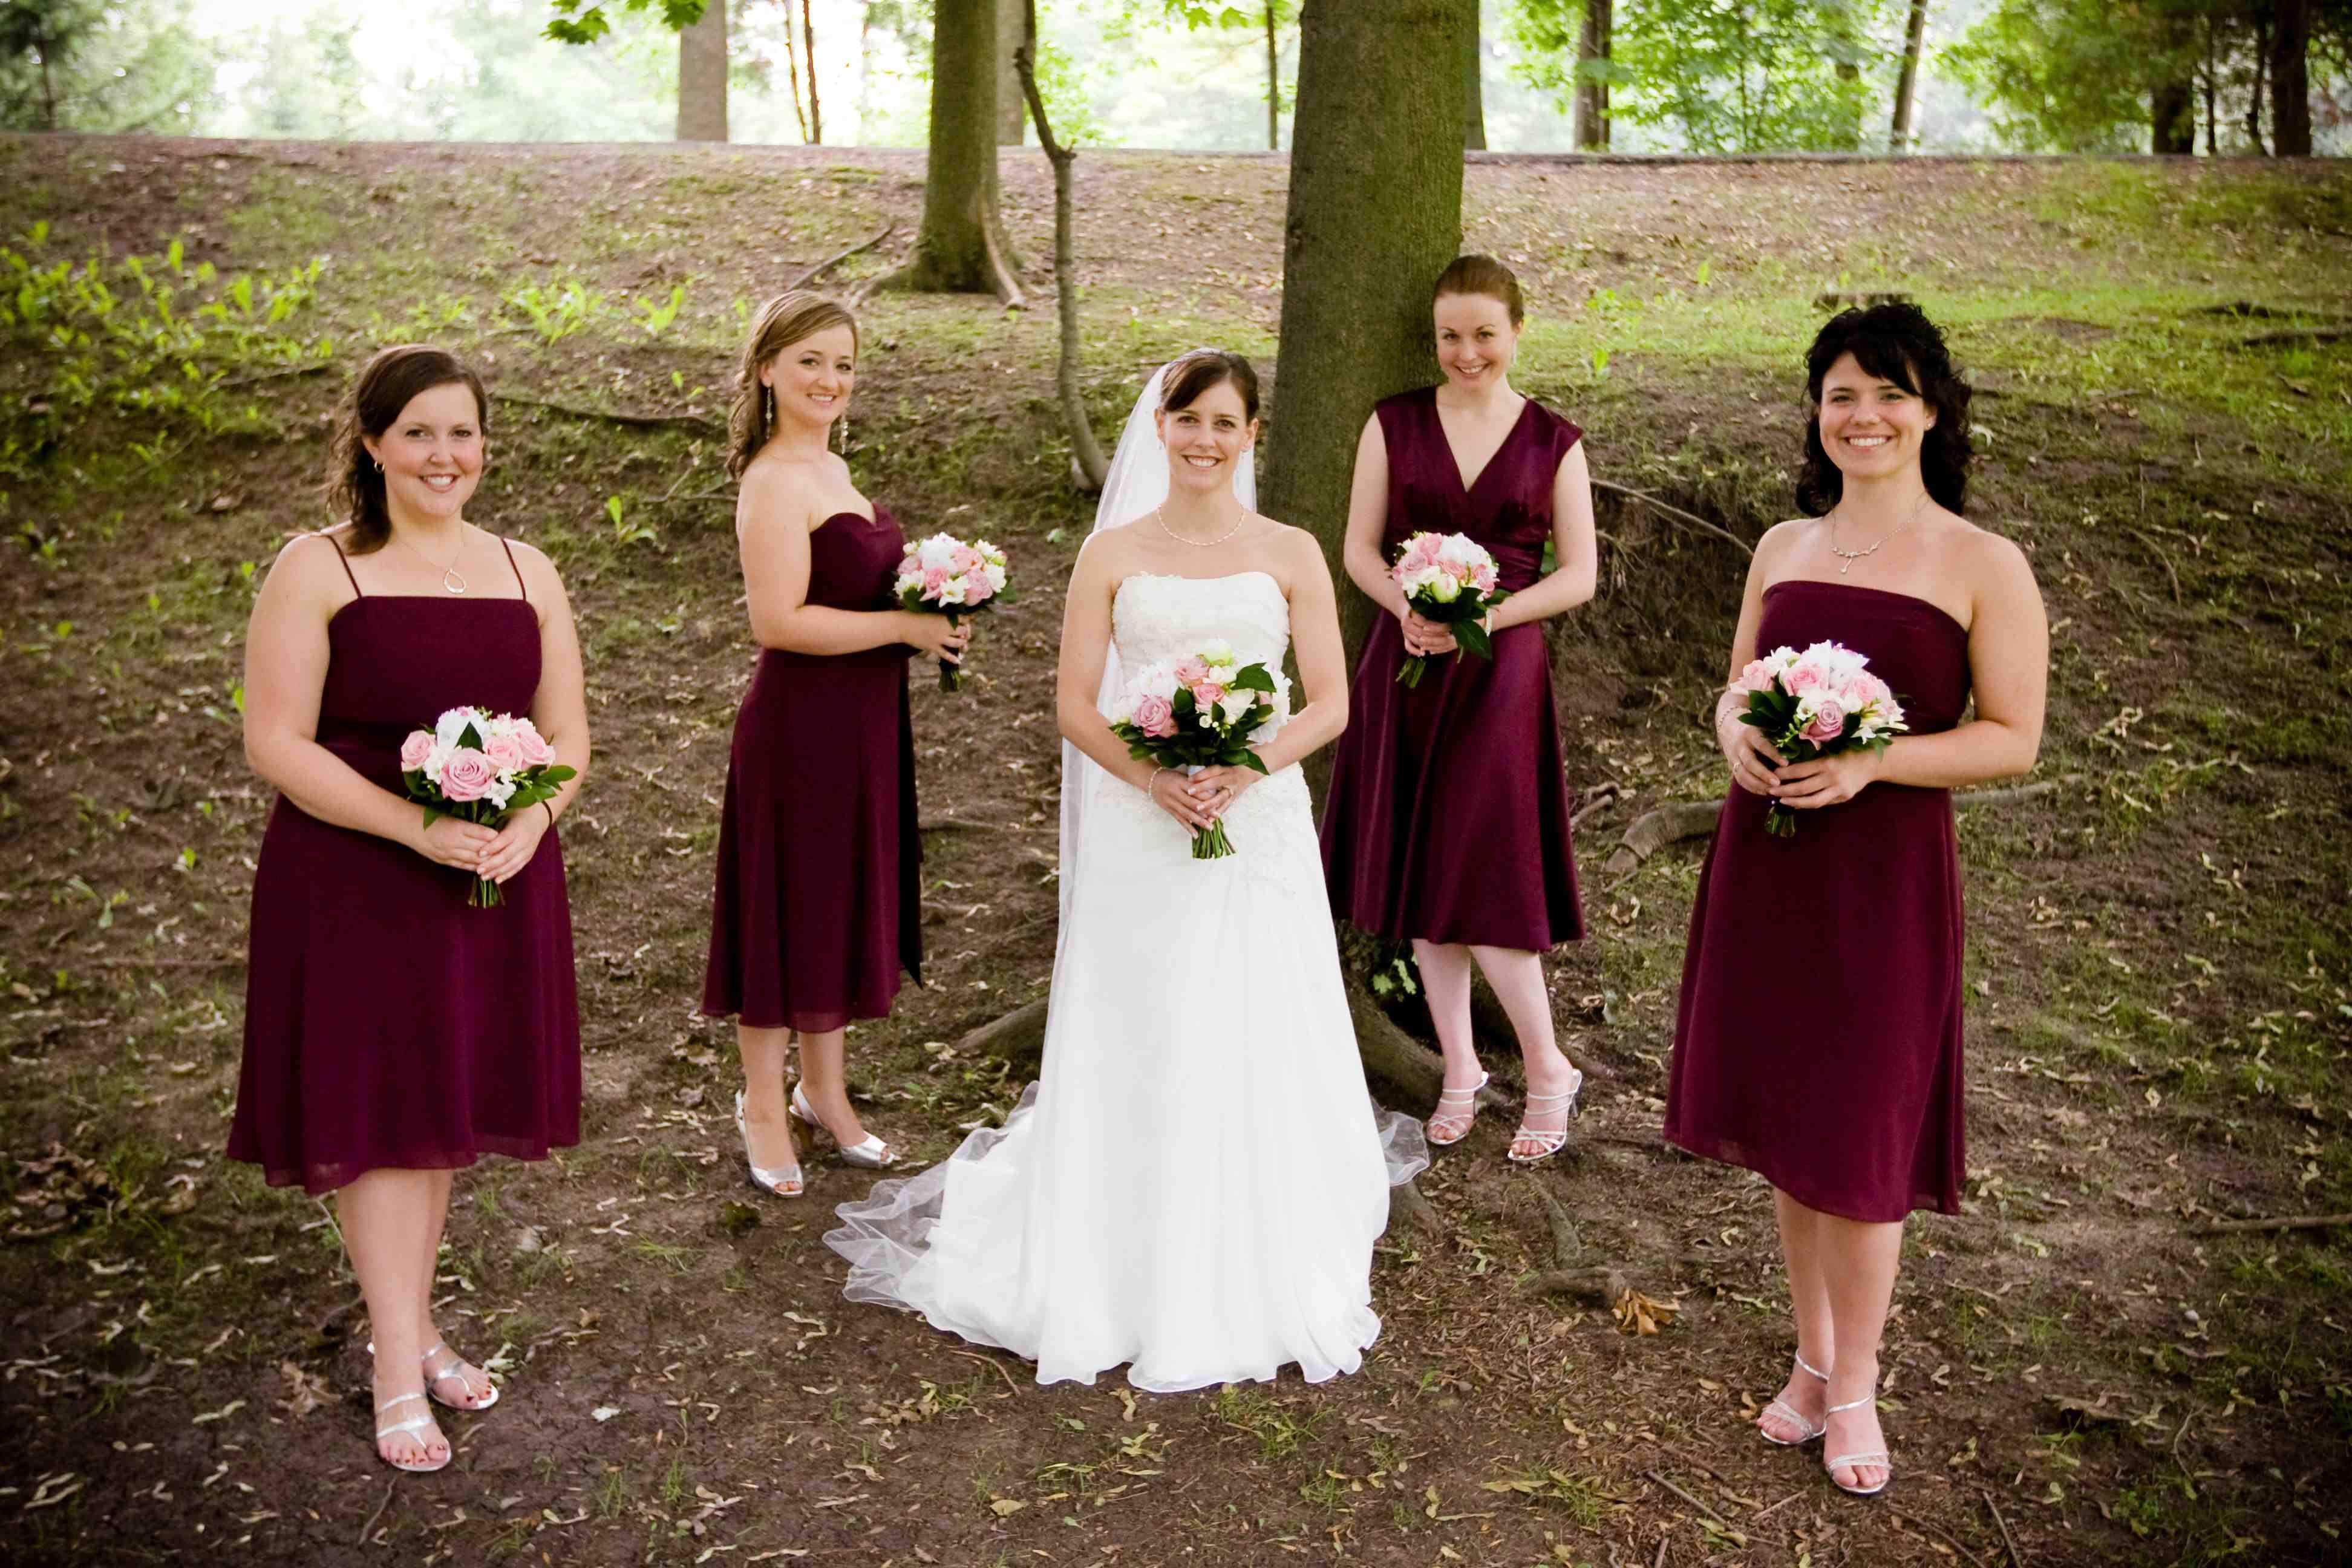 bridesmaid fall wedding colors bridesmaid dresses - Fall Colored Bridesmaid Dresses